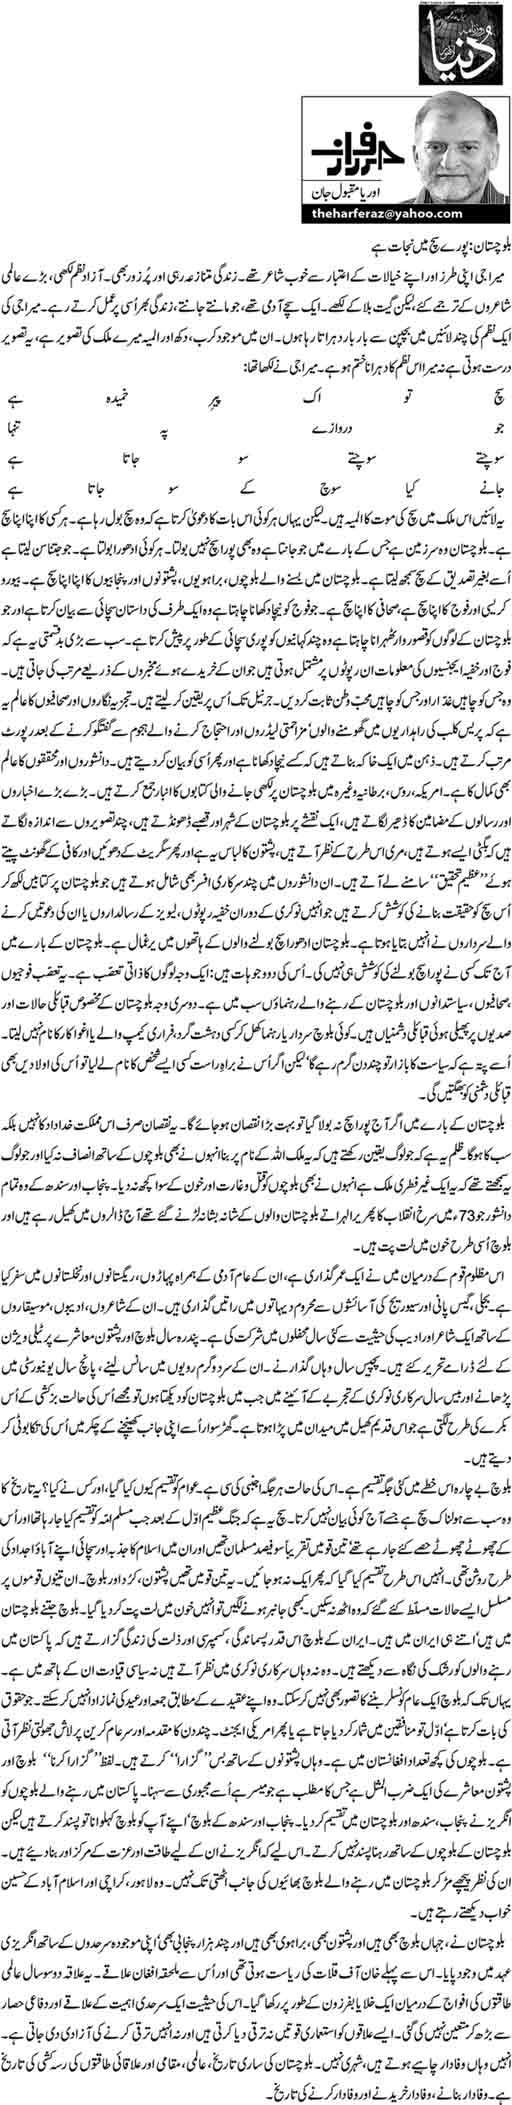 Balochistan:pooray such main nijat hai - Orya Maqbool Jan